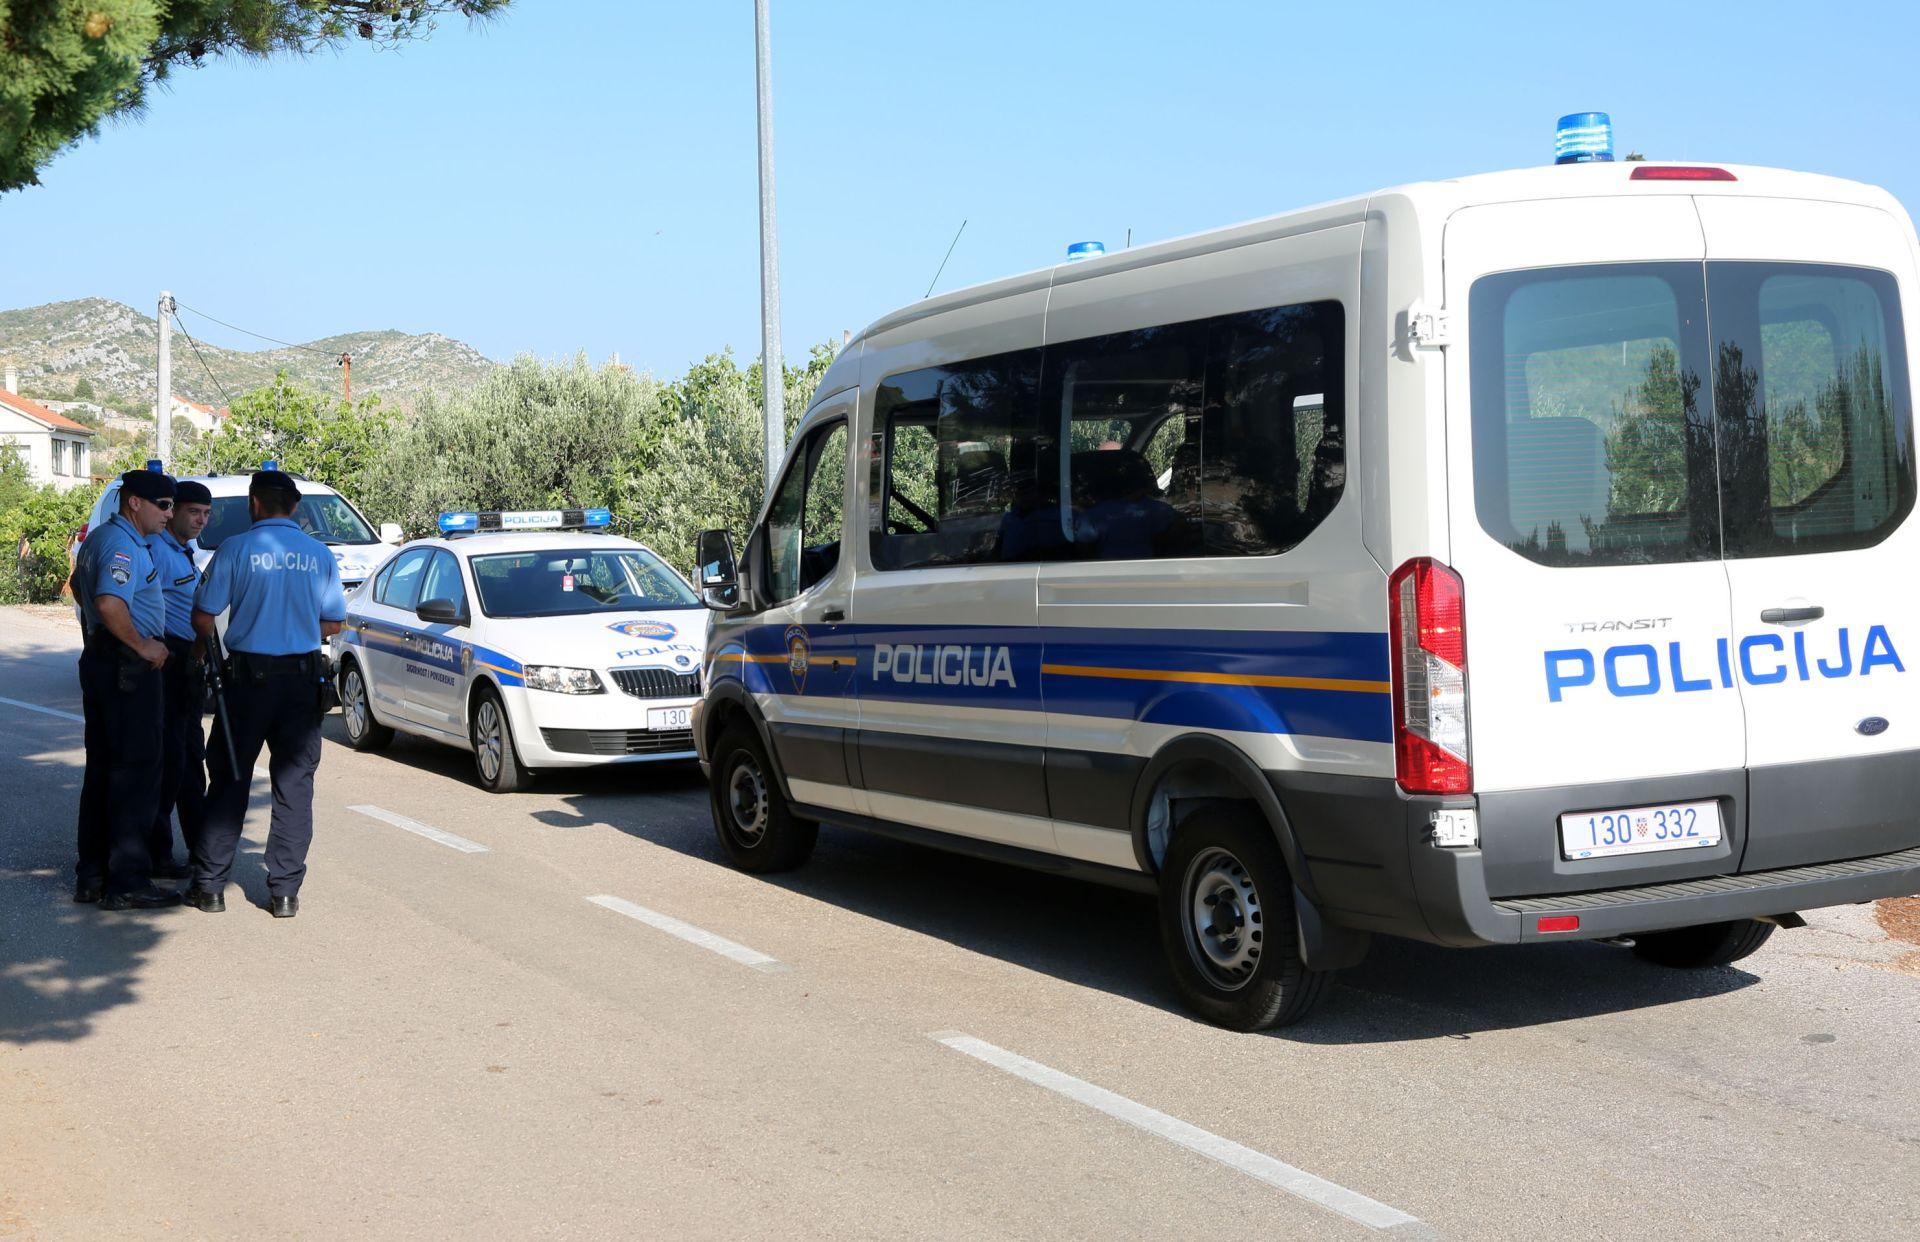 PLIJEN OD 100 TISUĆA KUNA Mladić (19) osumnjičen za seriju razbojstava